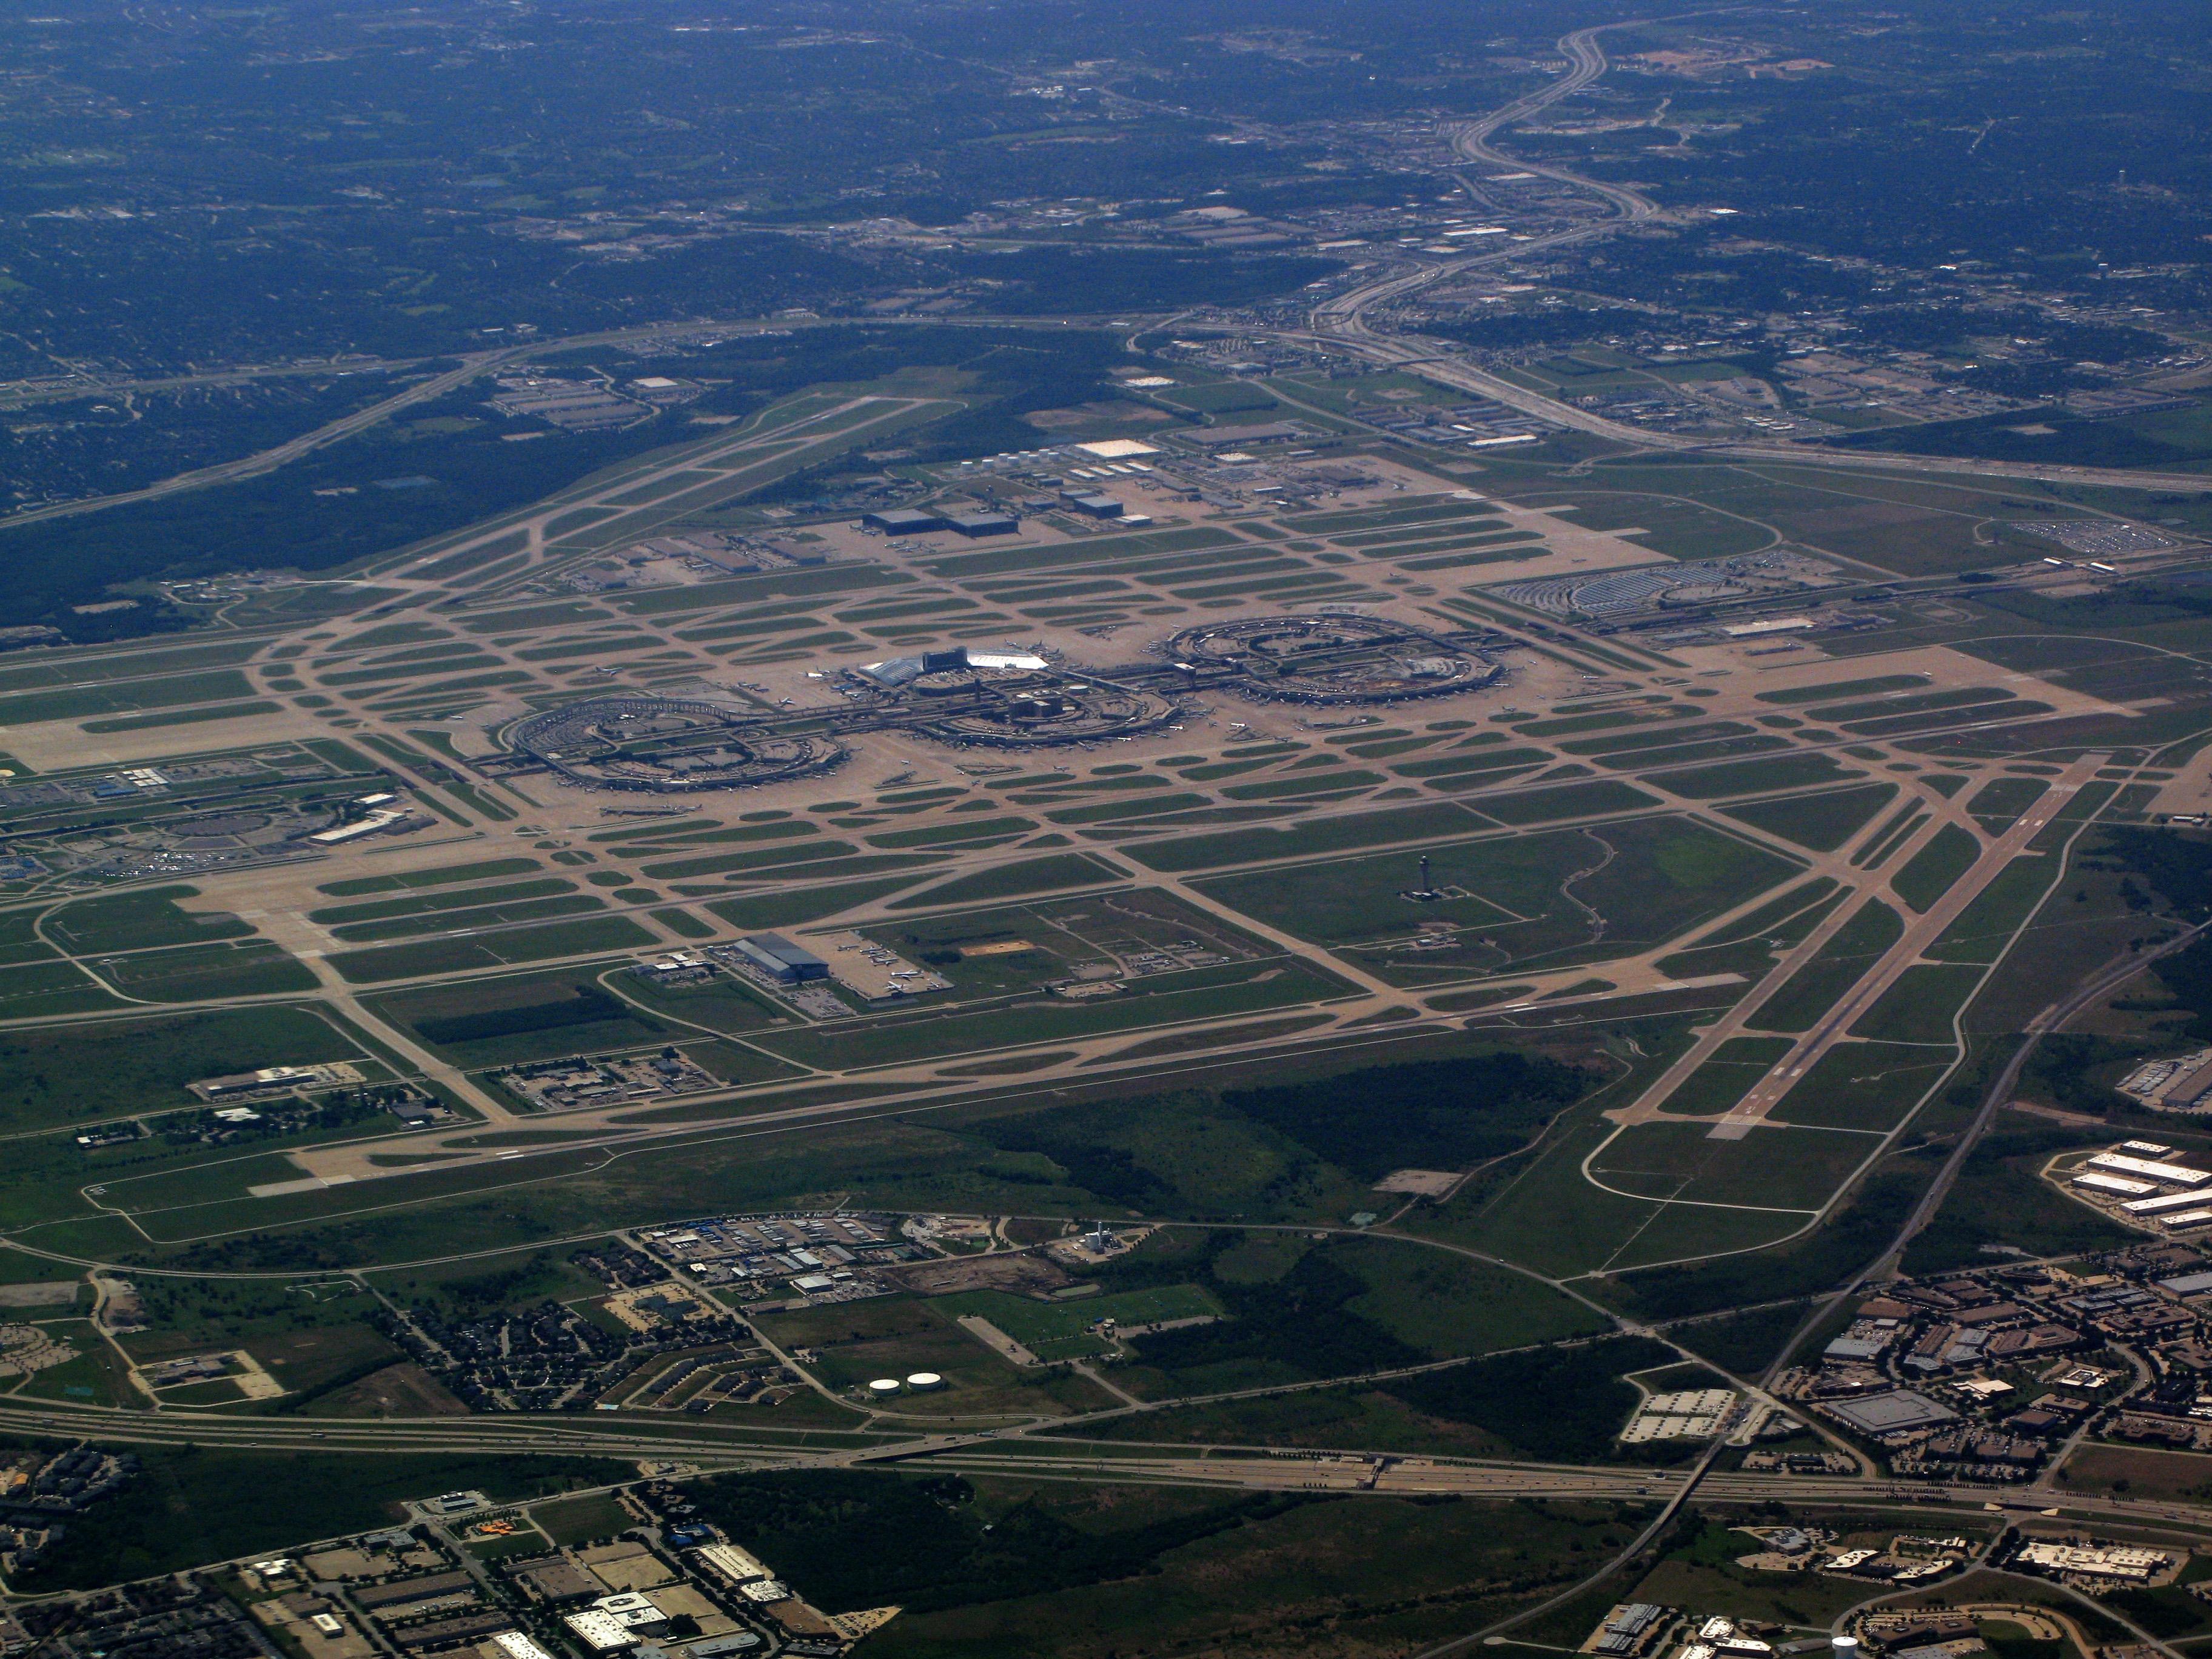 Depiction of Aeropuerto Internacional de Dallas-Fort Worth